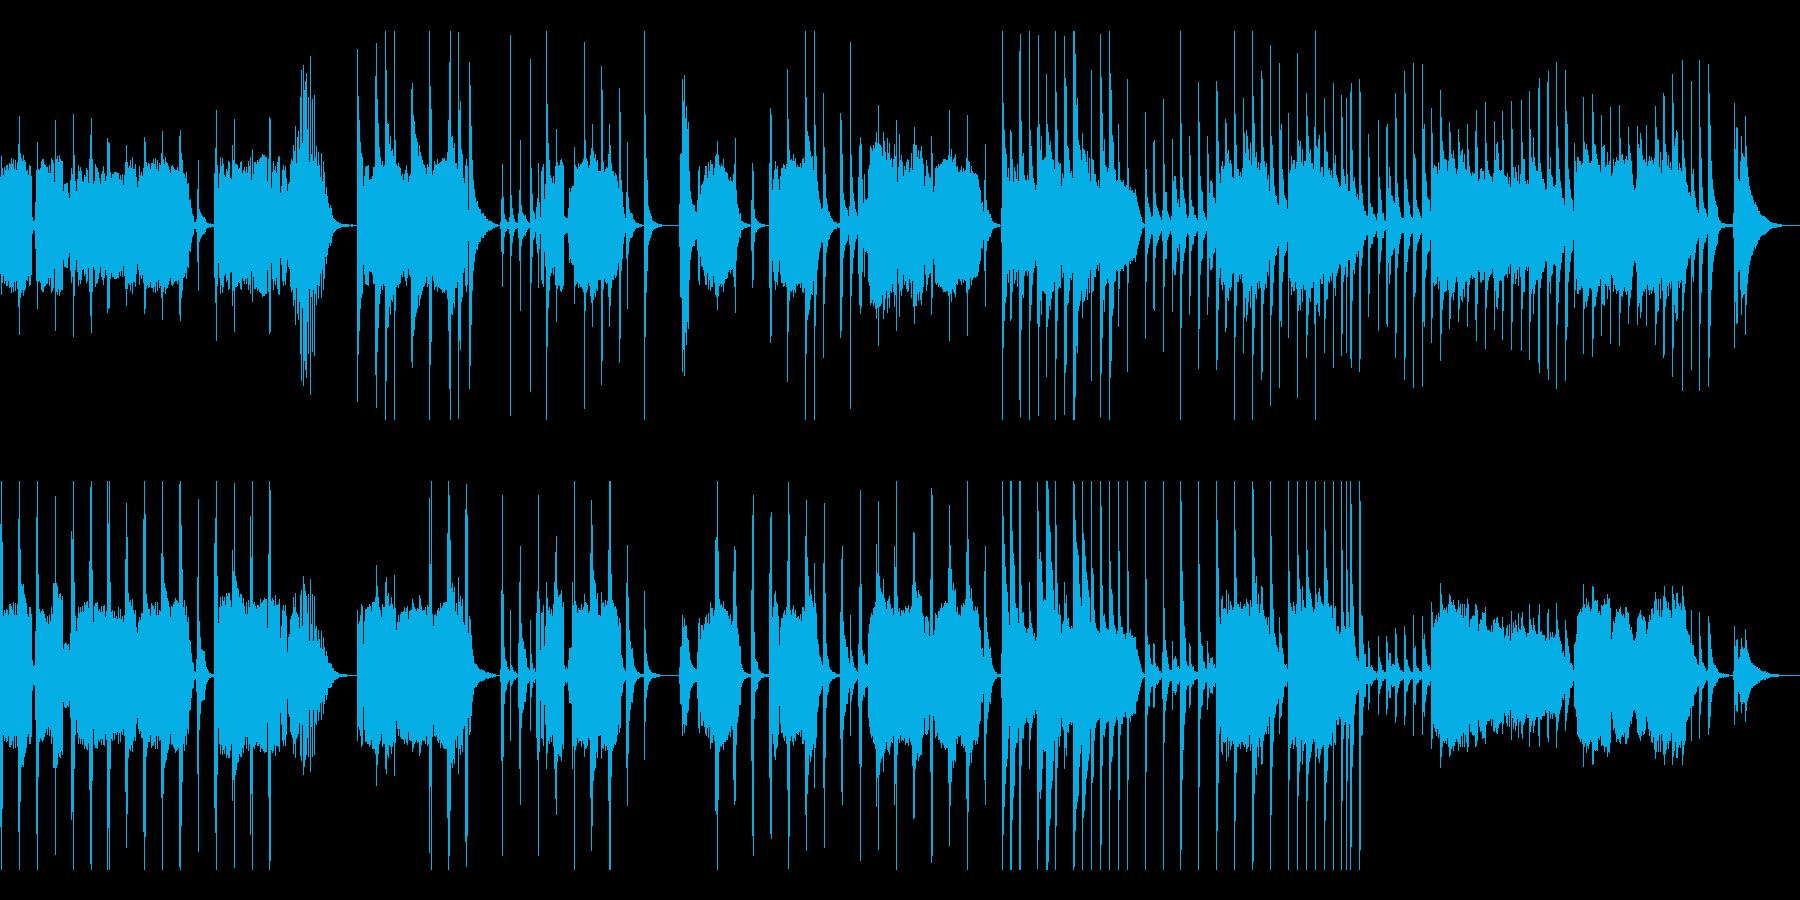 三味線,尺八,琴(箏)の厳かな純和風曲の再生済みの波形